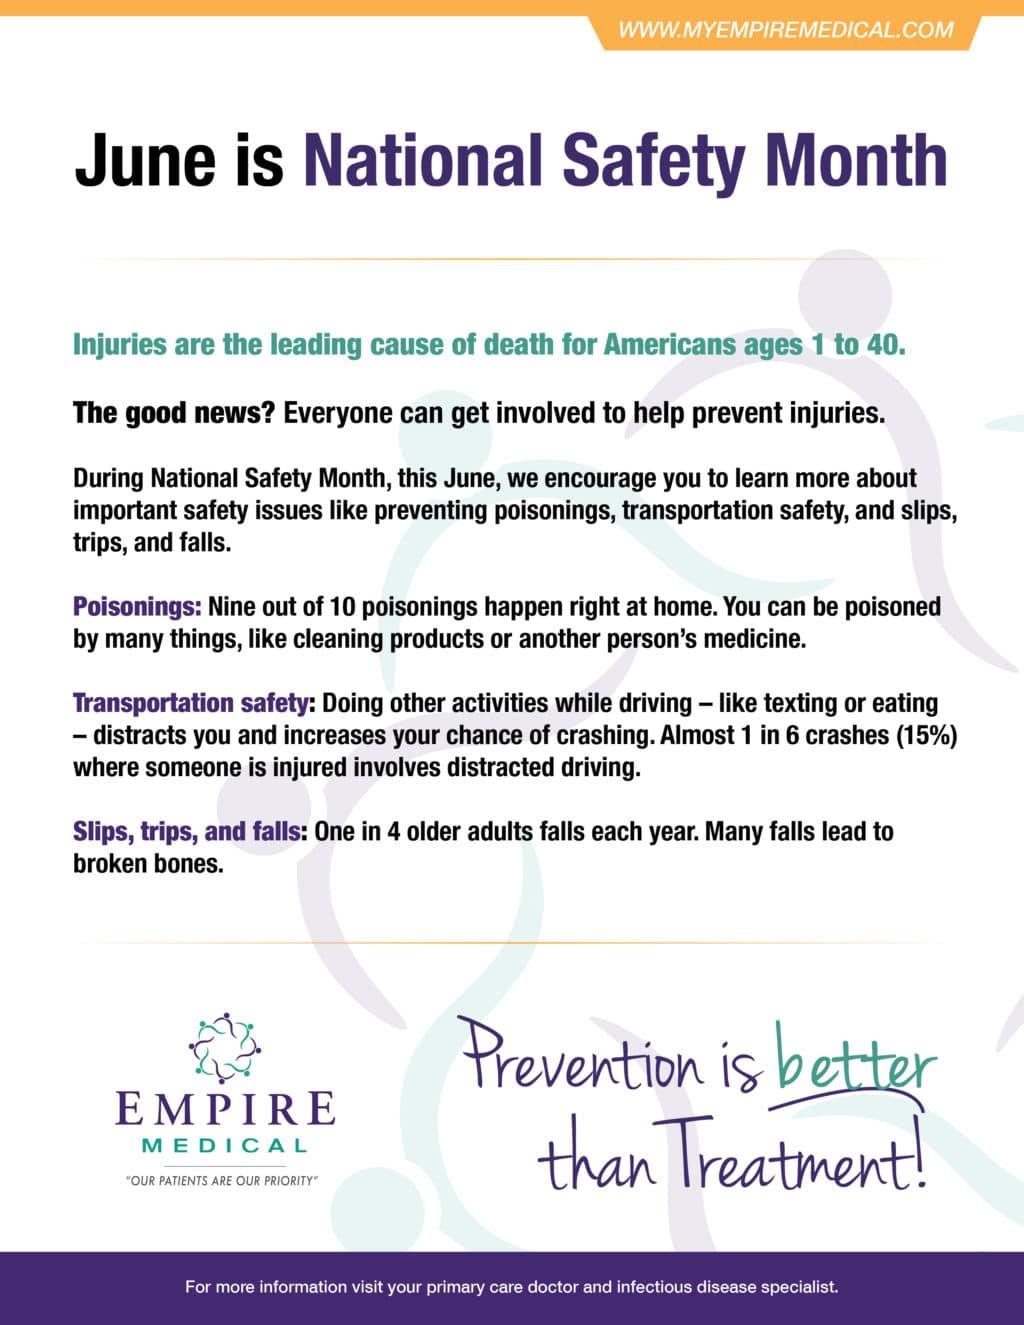 June Awareness